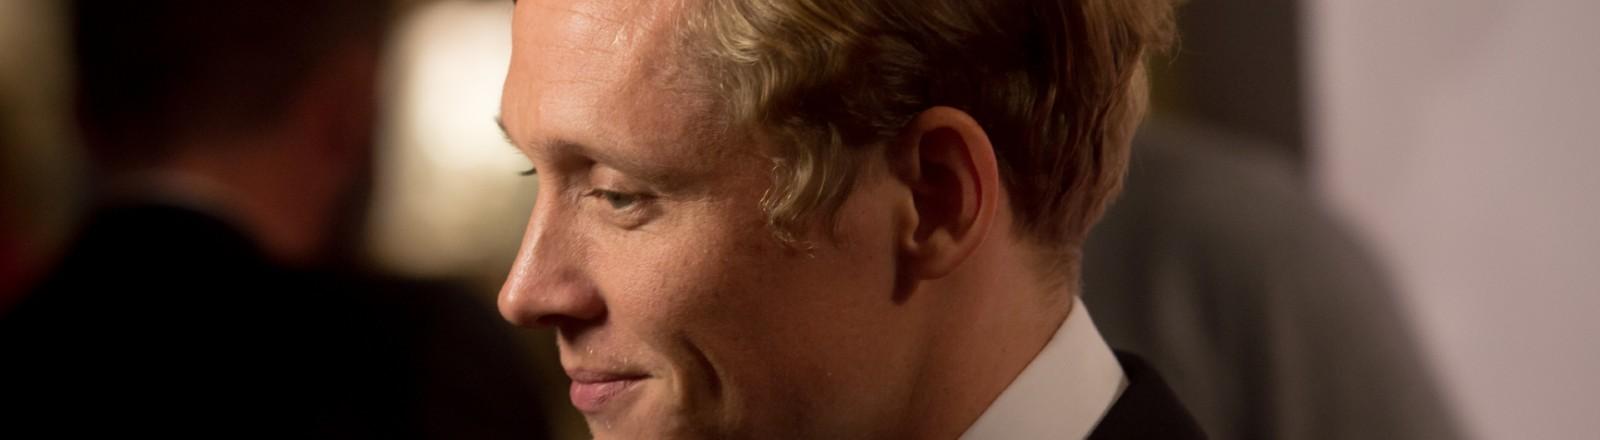 Schauspieler Matthias Schweighöfer auf einer Gala.